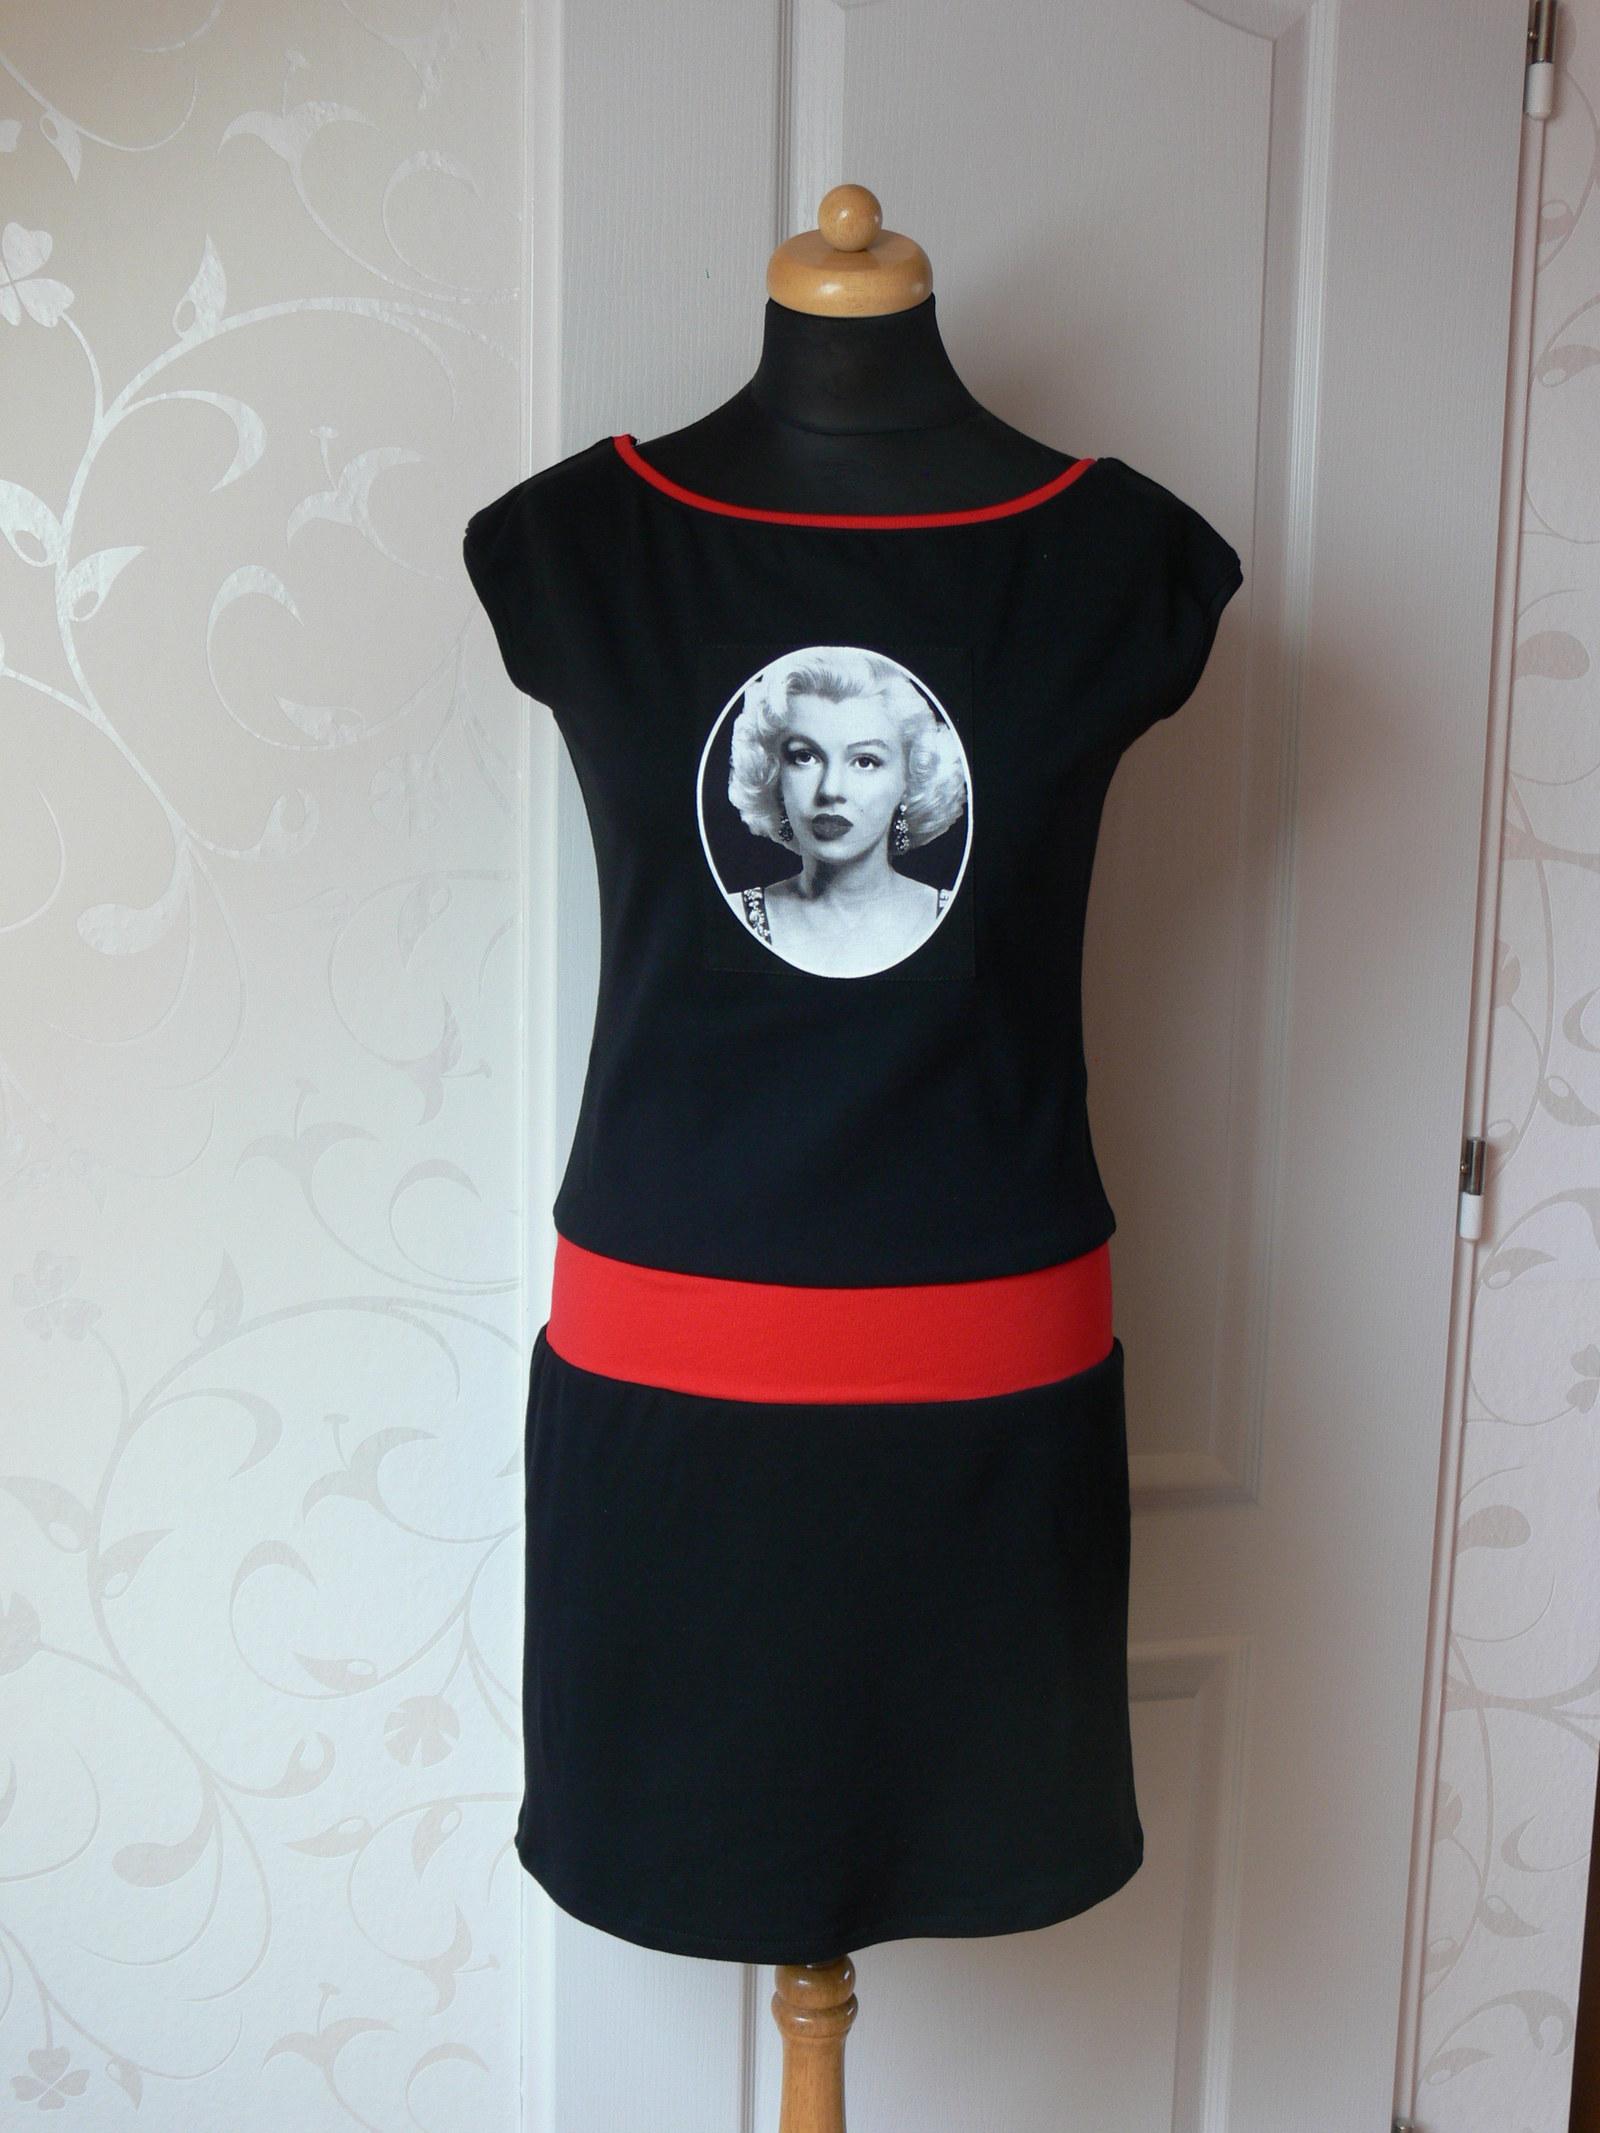 4a92a9b6cd02 Šaty s Marilyn Monroe   Zboží prodejce Madalein